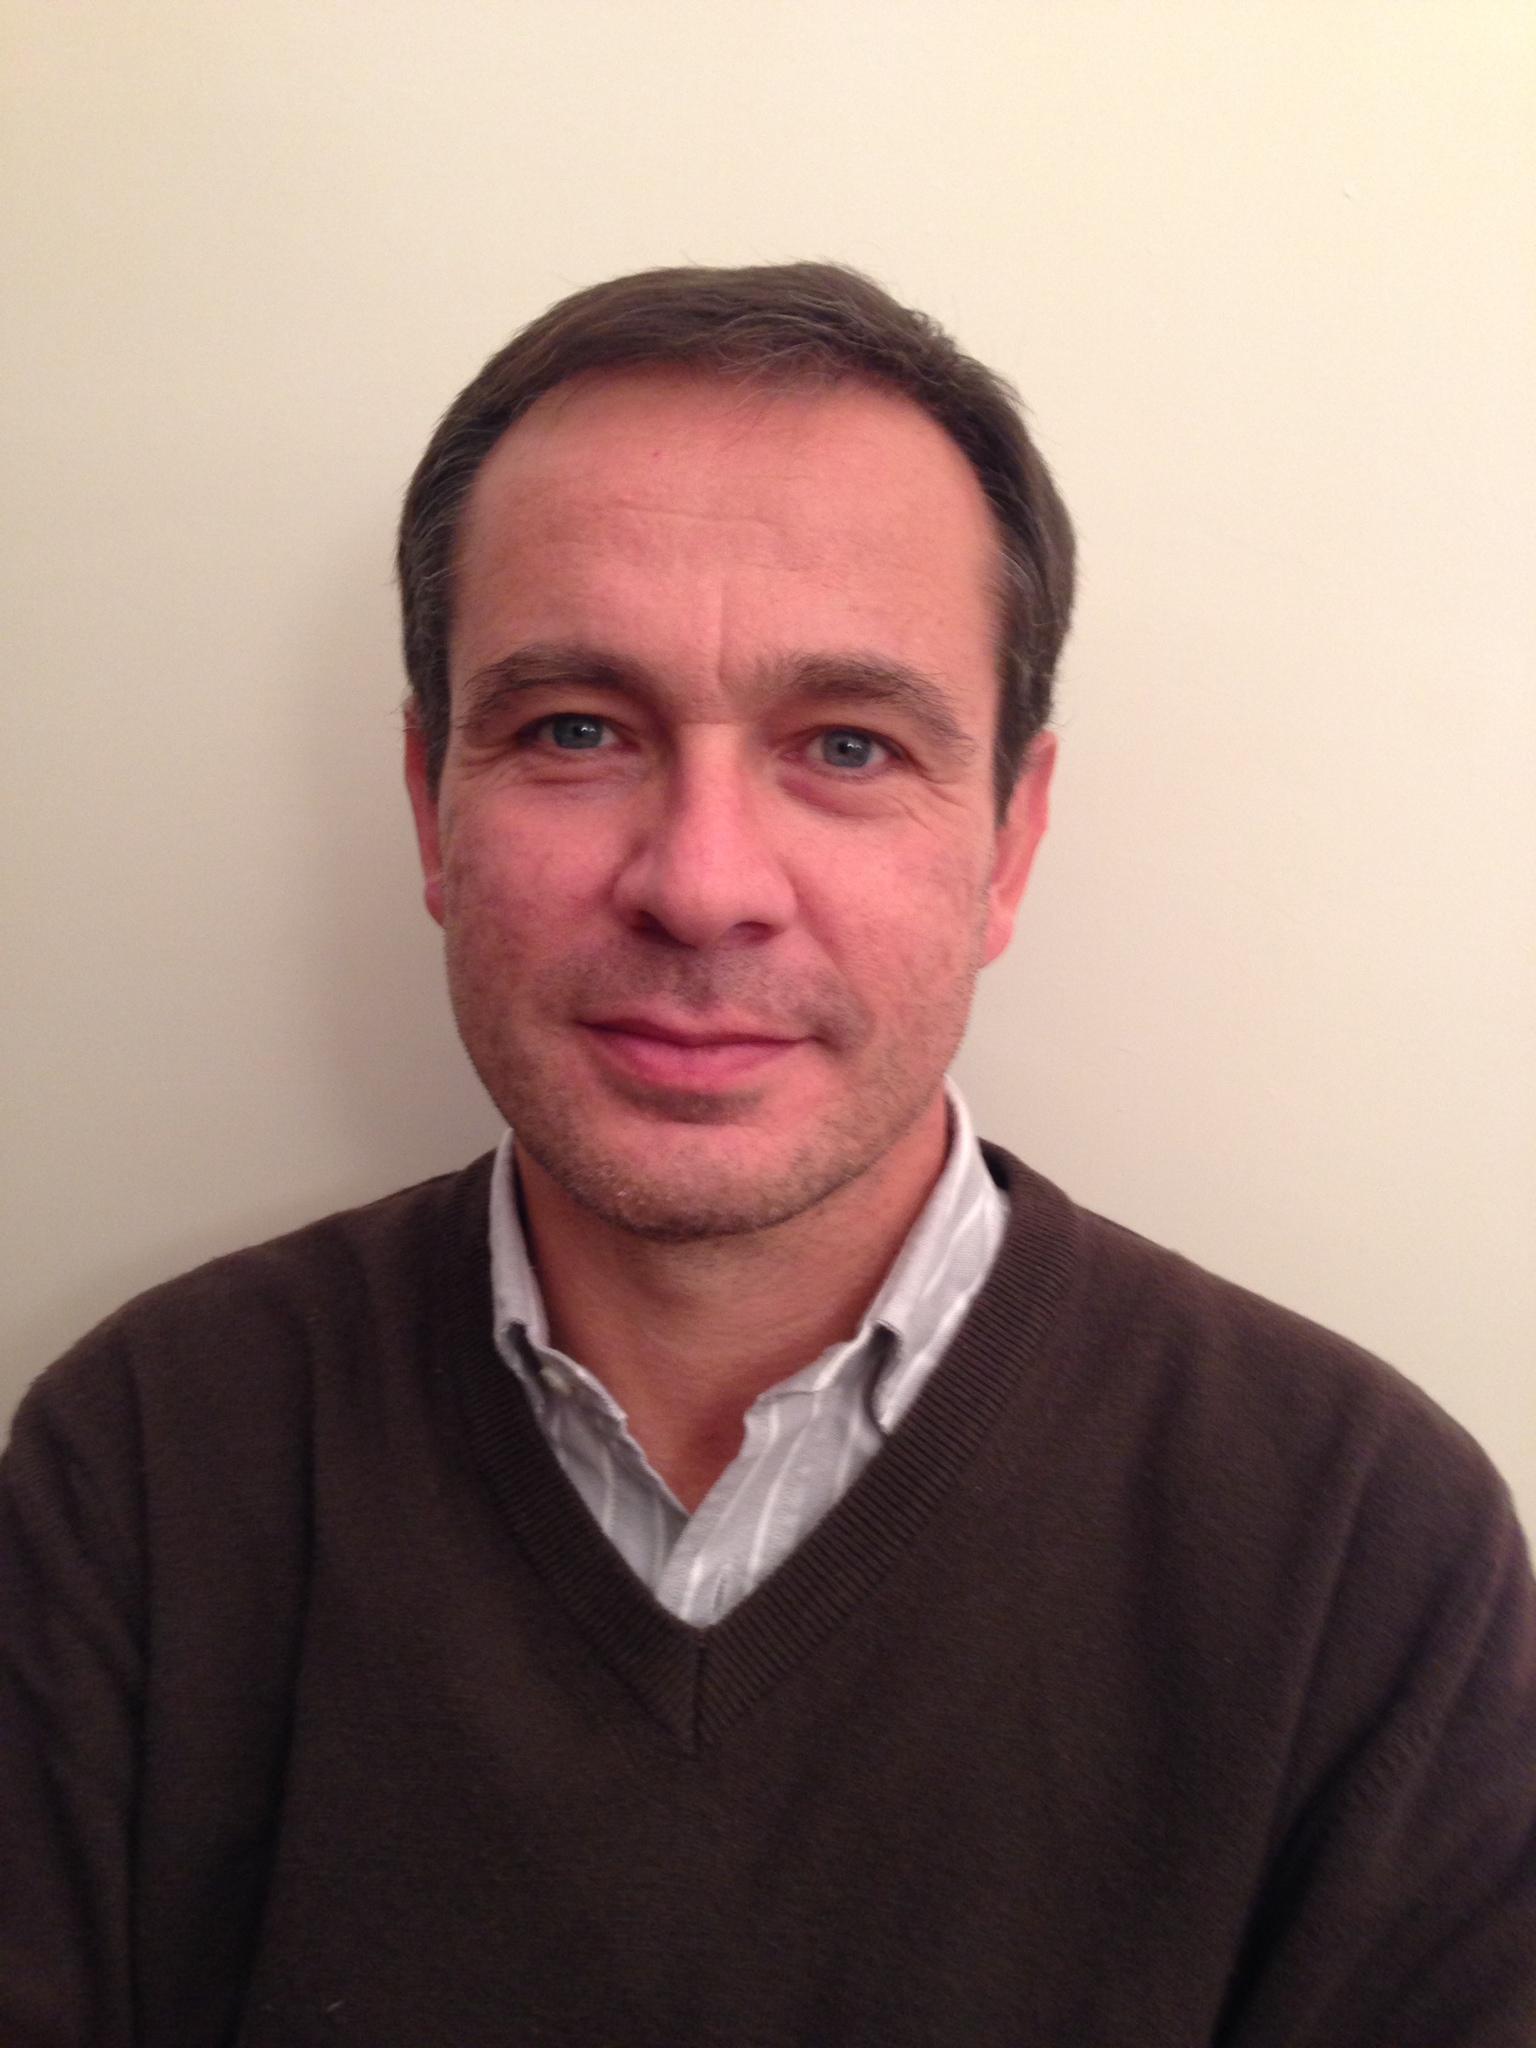 Fabrizio Locchetta, CIO, SIRAM